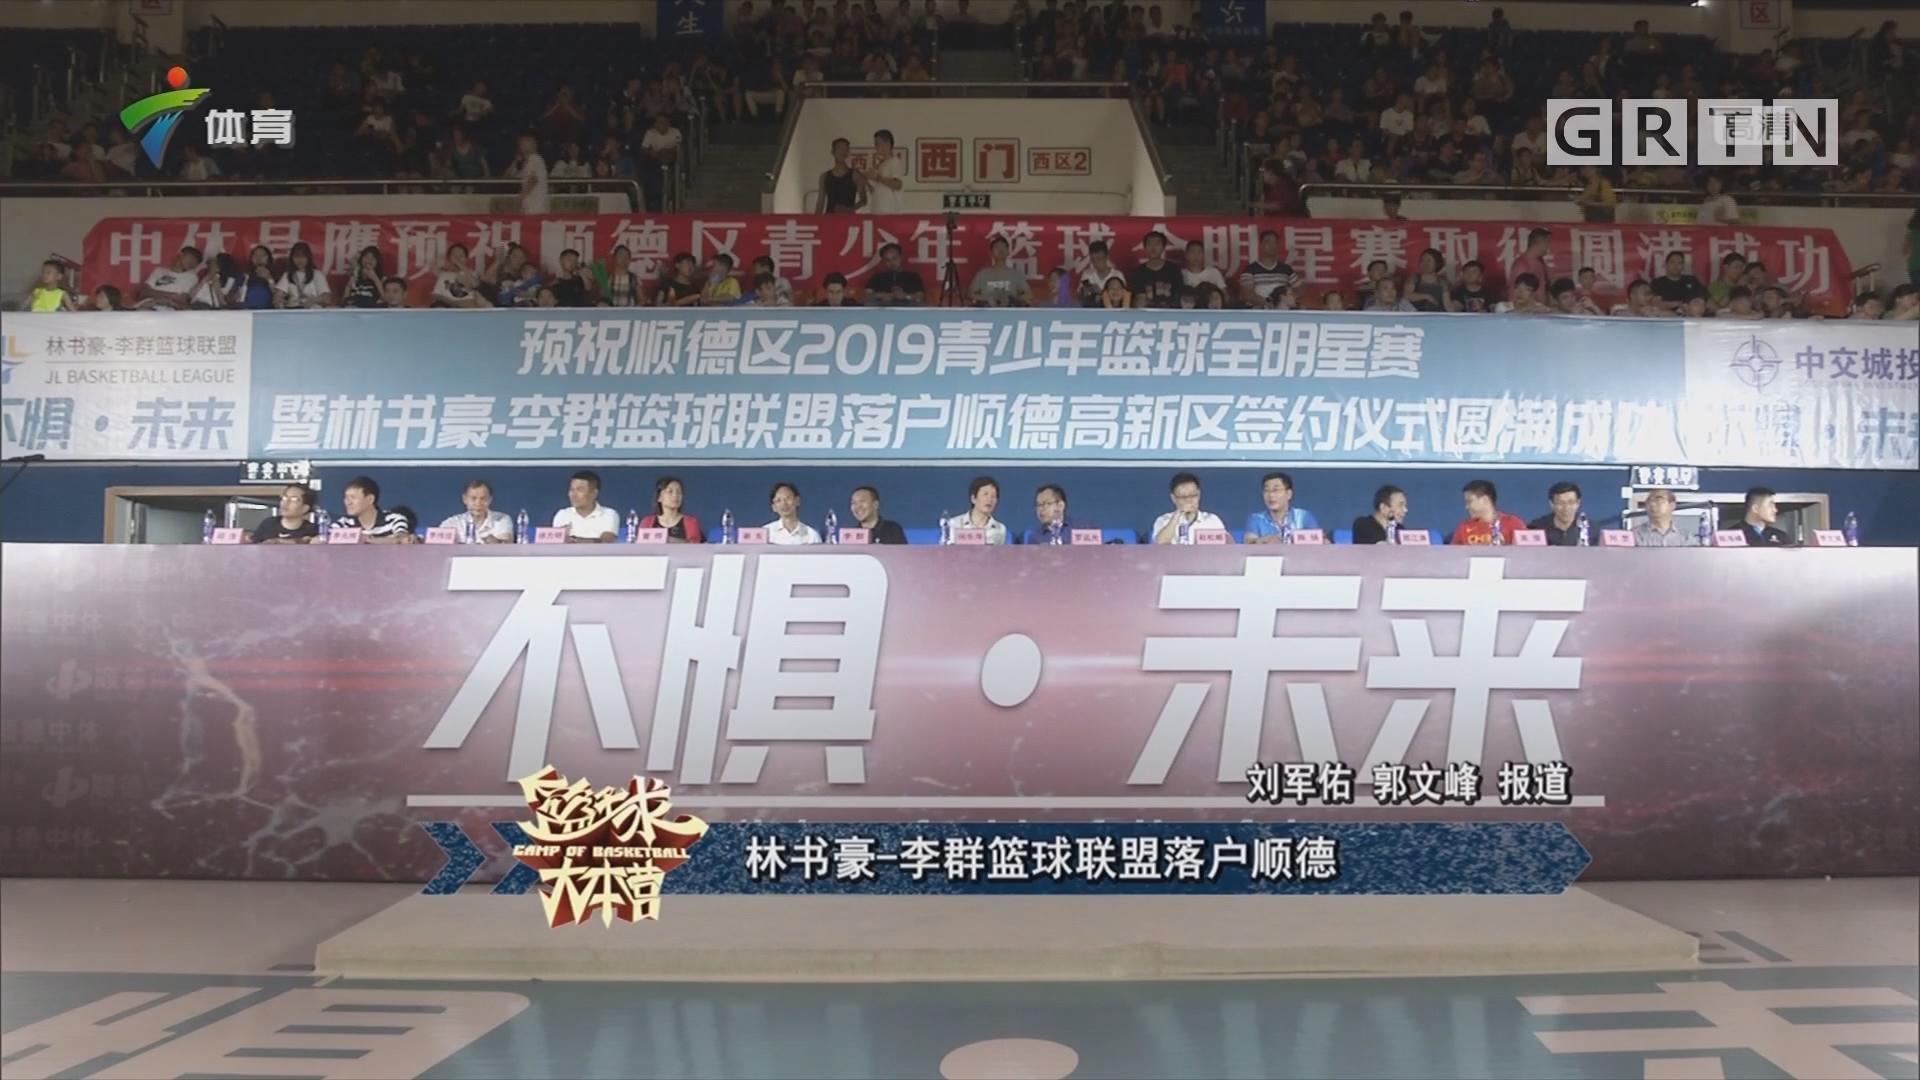 林书豪-李群篮球联盟落户顺德